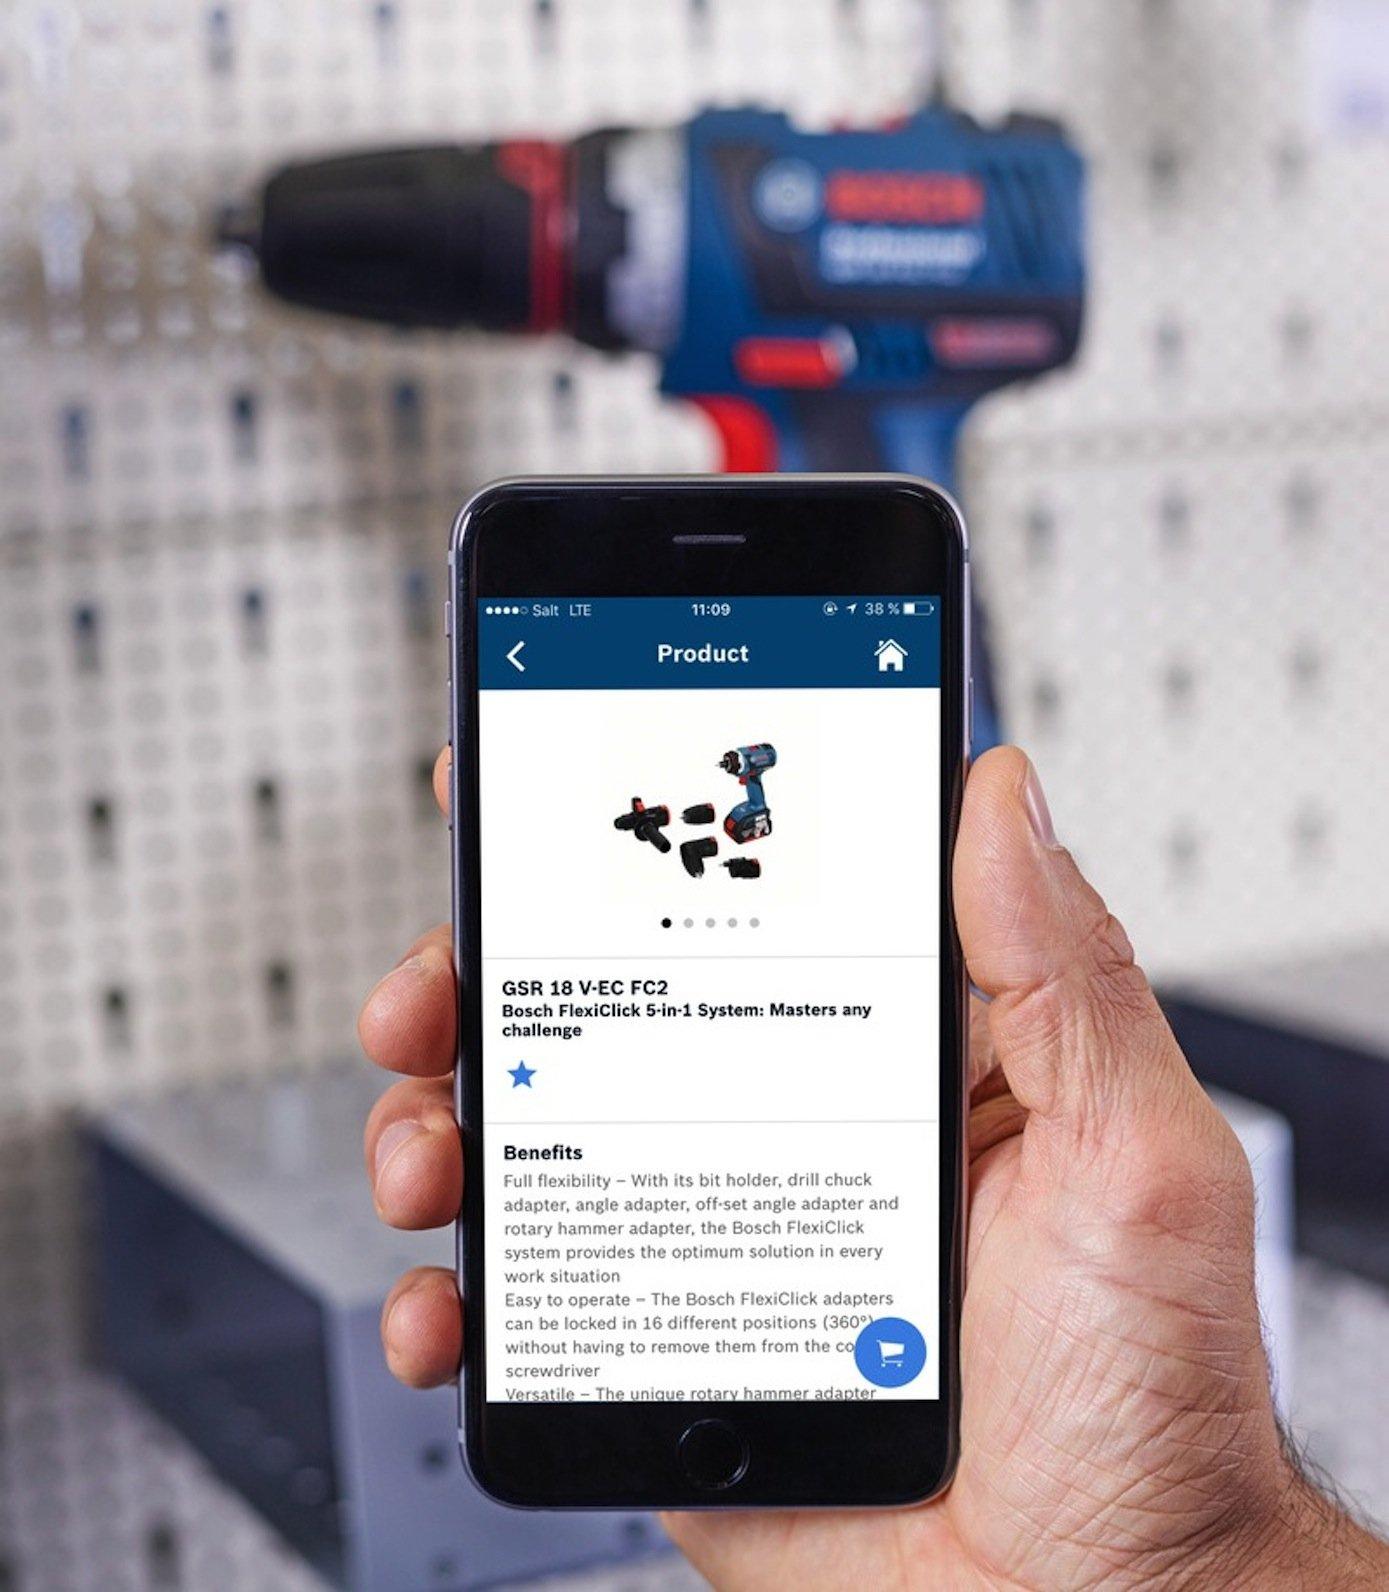 Auch Werkzeuge lassen sich nun per App individuell einstellen. Zudem können Belastung und Einsatzzeiten erfasst werden.